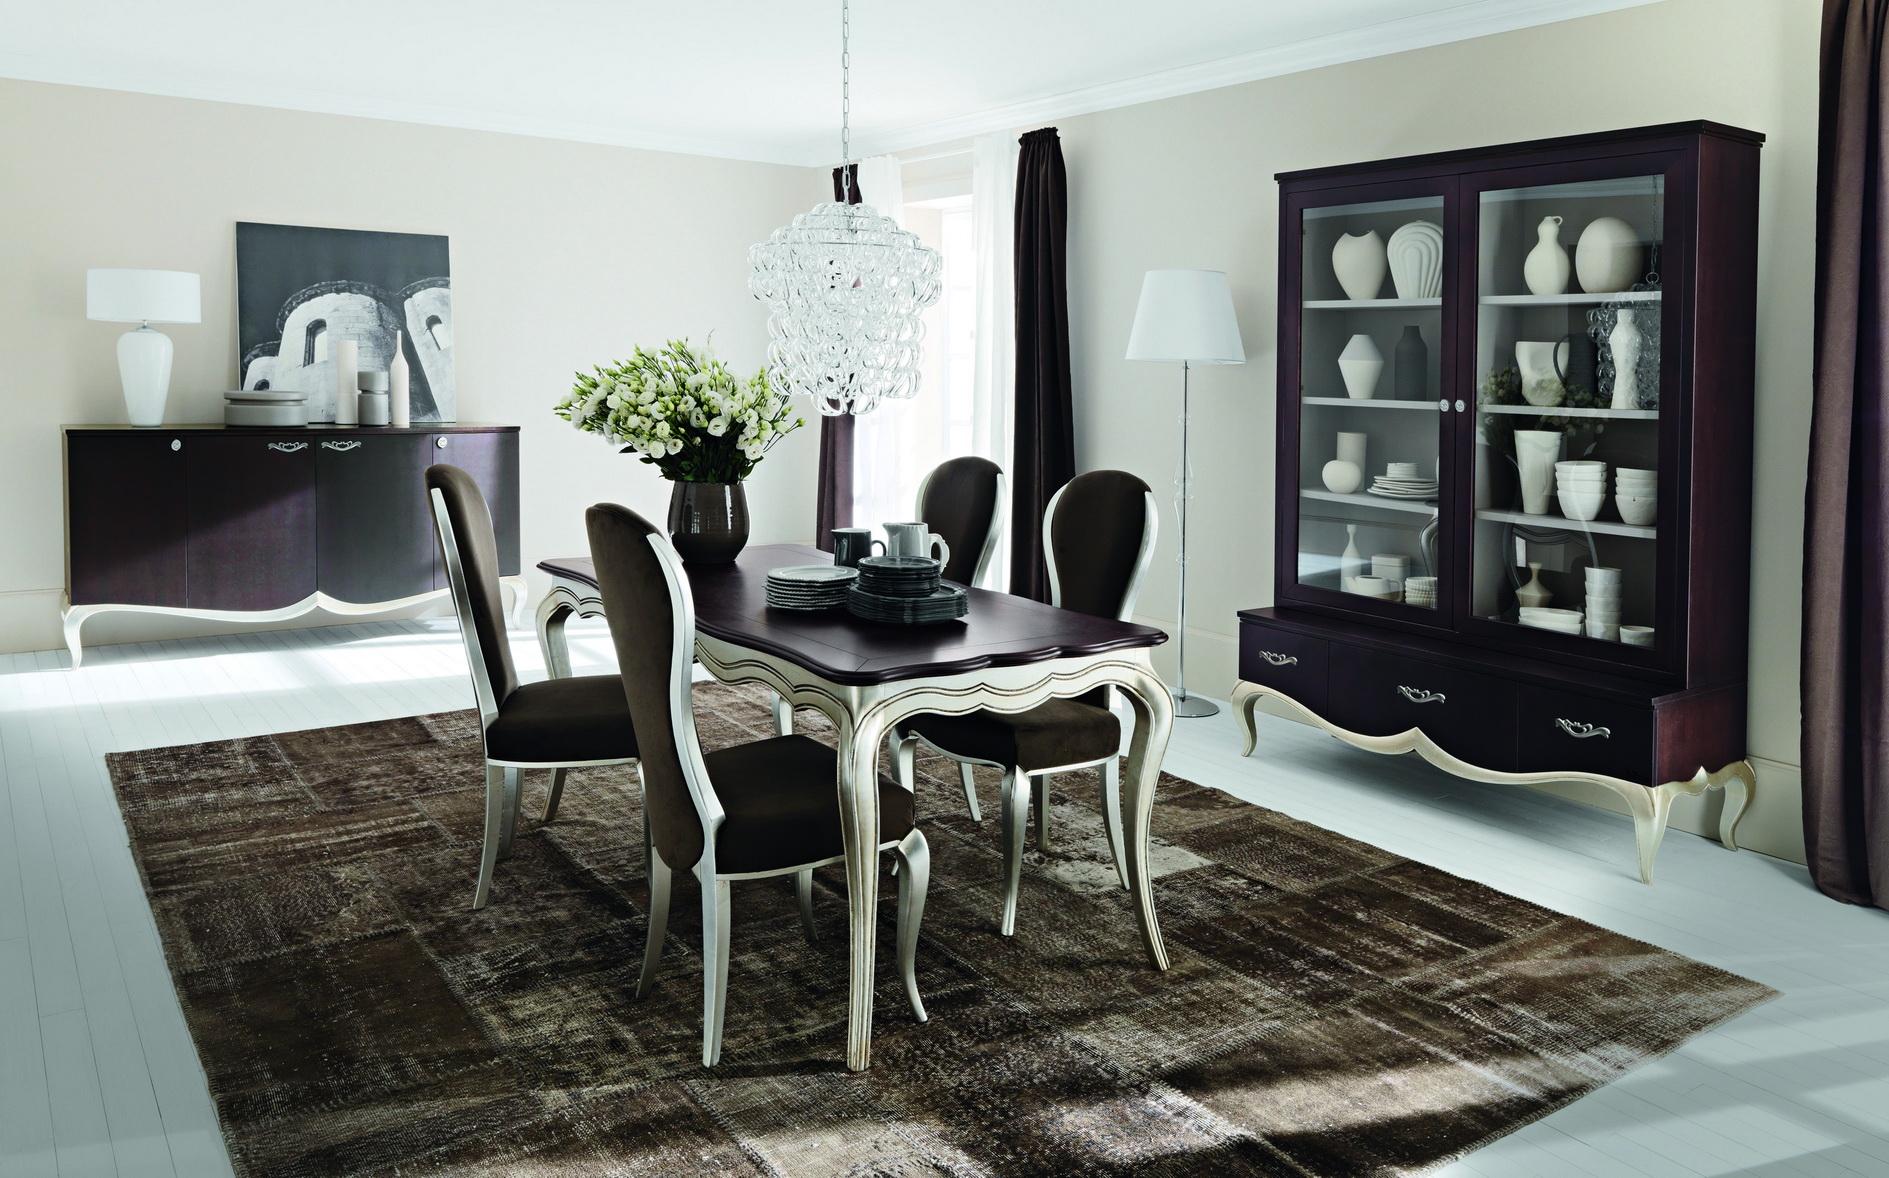 Tavoli e sedie c4 home arredamenti cosenza for C4 arredamenti